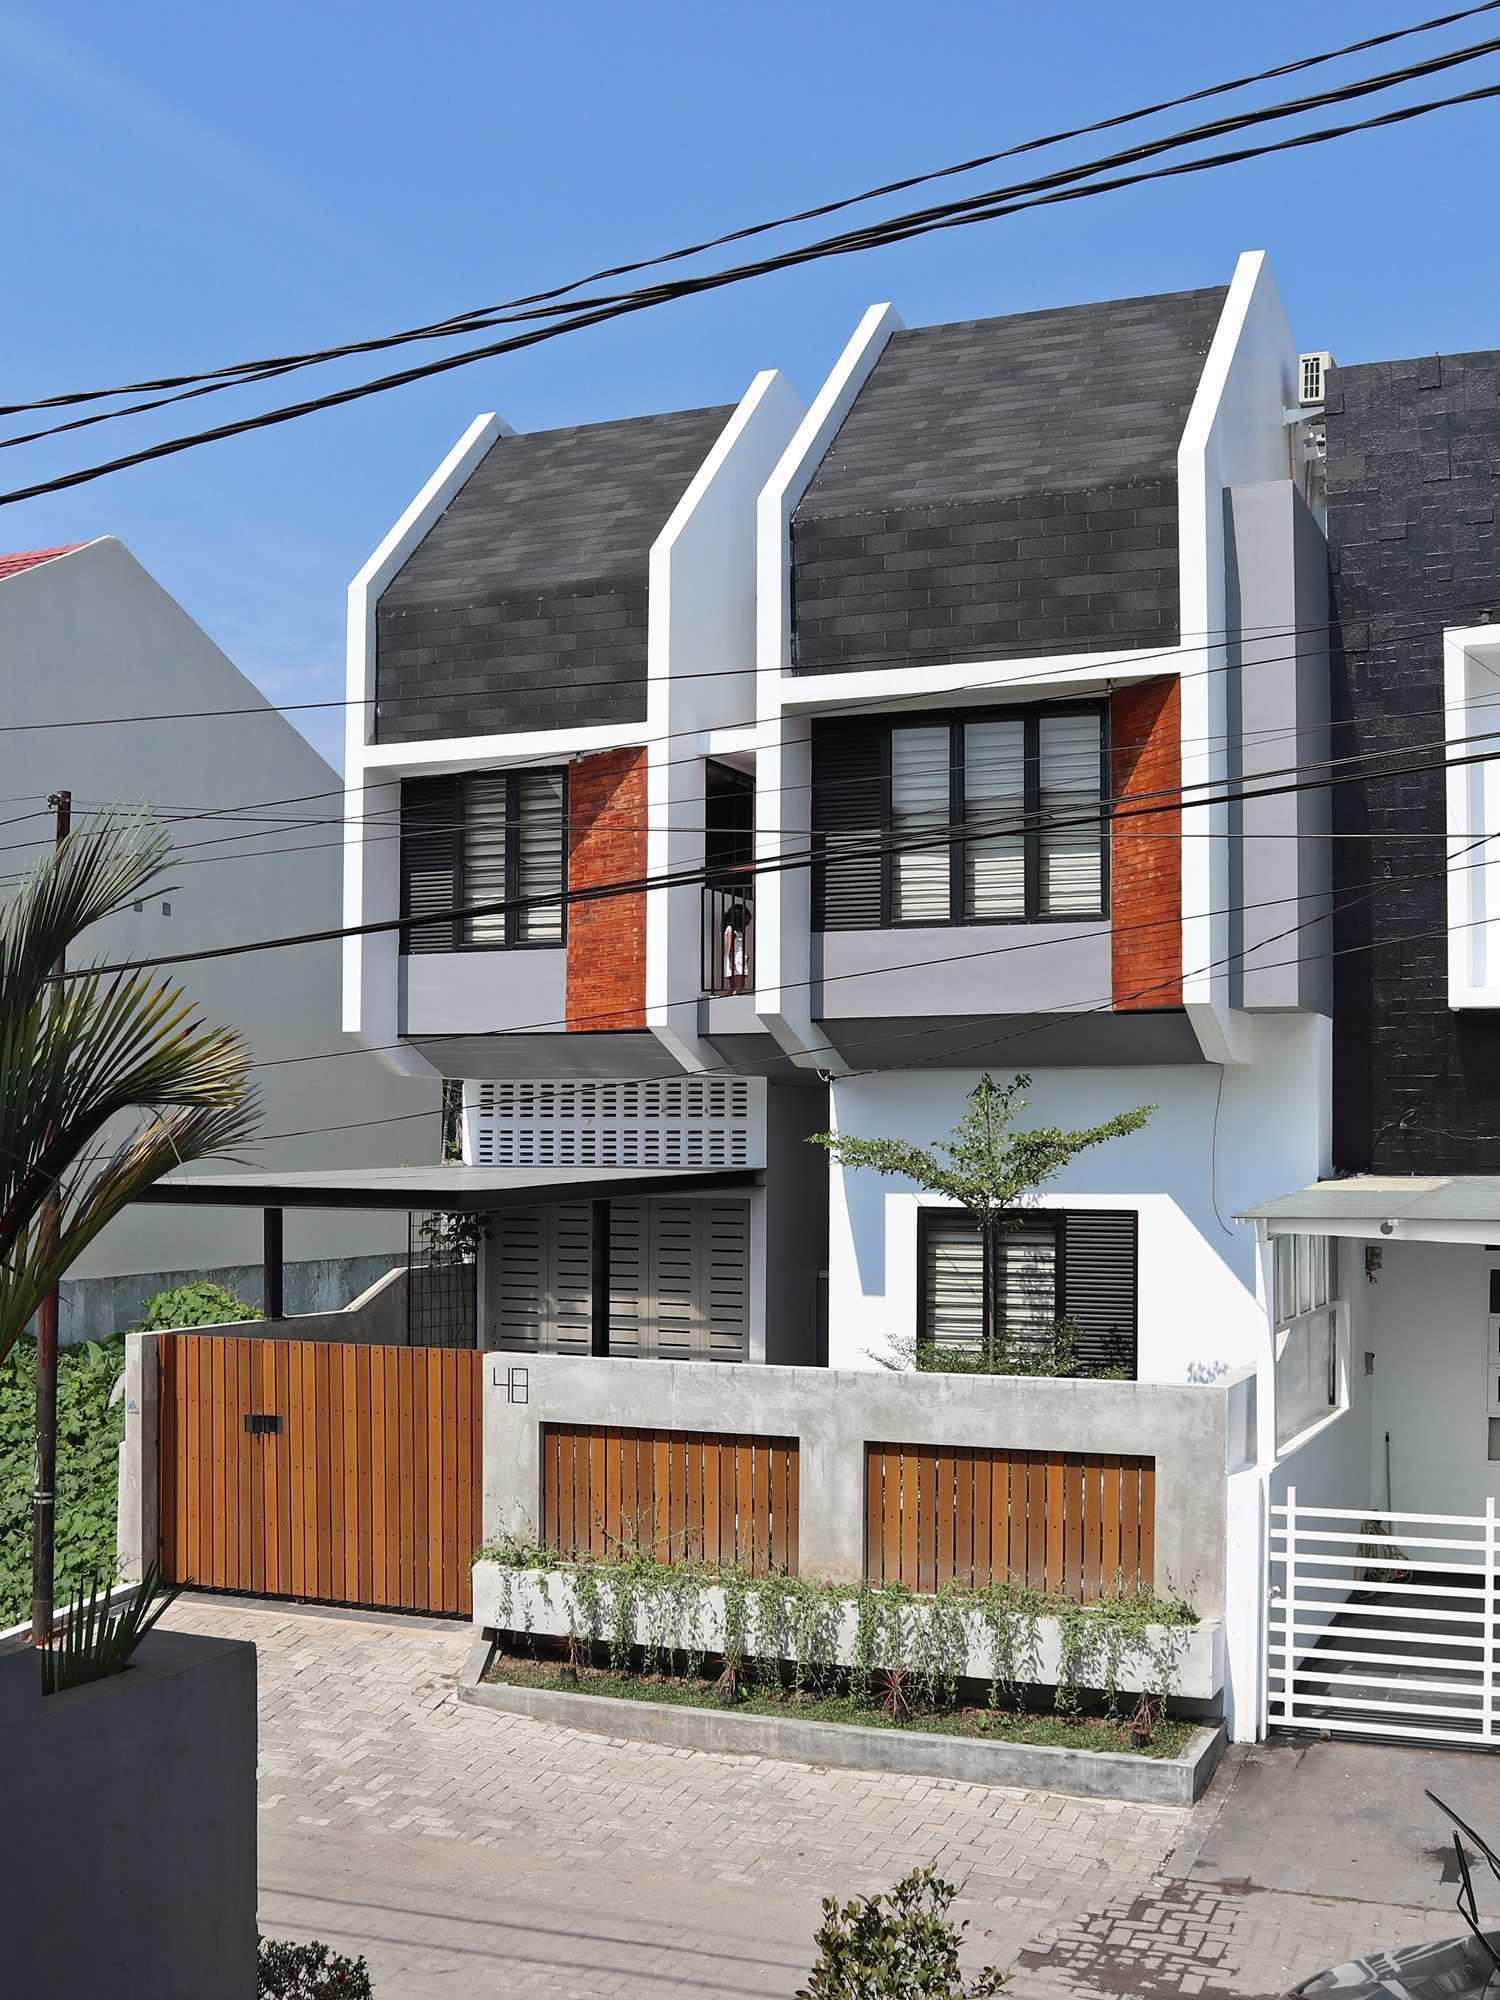 Bd Studio Hd House Medan, Kota Medan, Sumatera Utara, Indonesia Medan, Kota Medan, Sumatera Utara, Indonesia Bd-Studio-Hd-House  73809